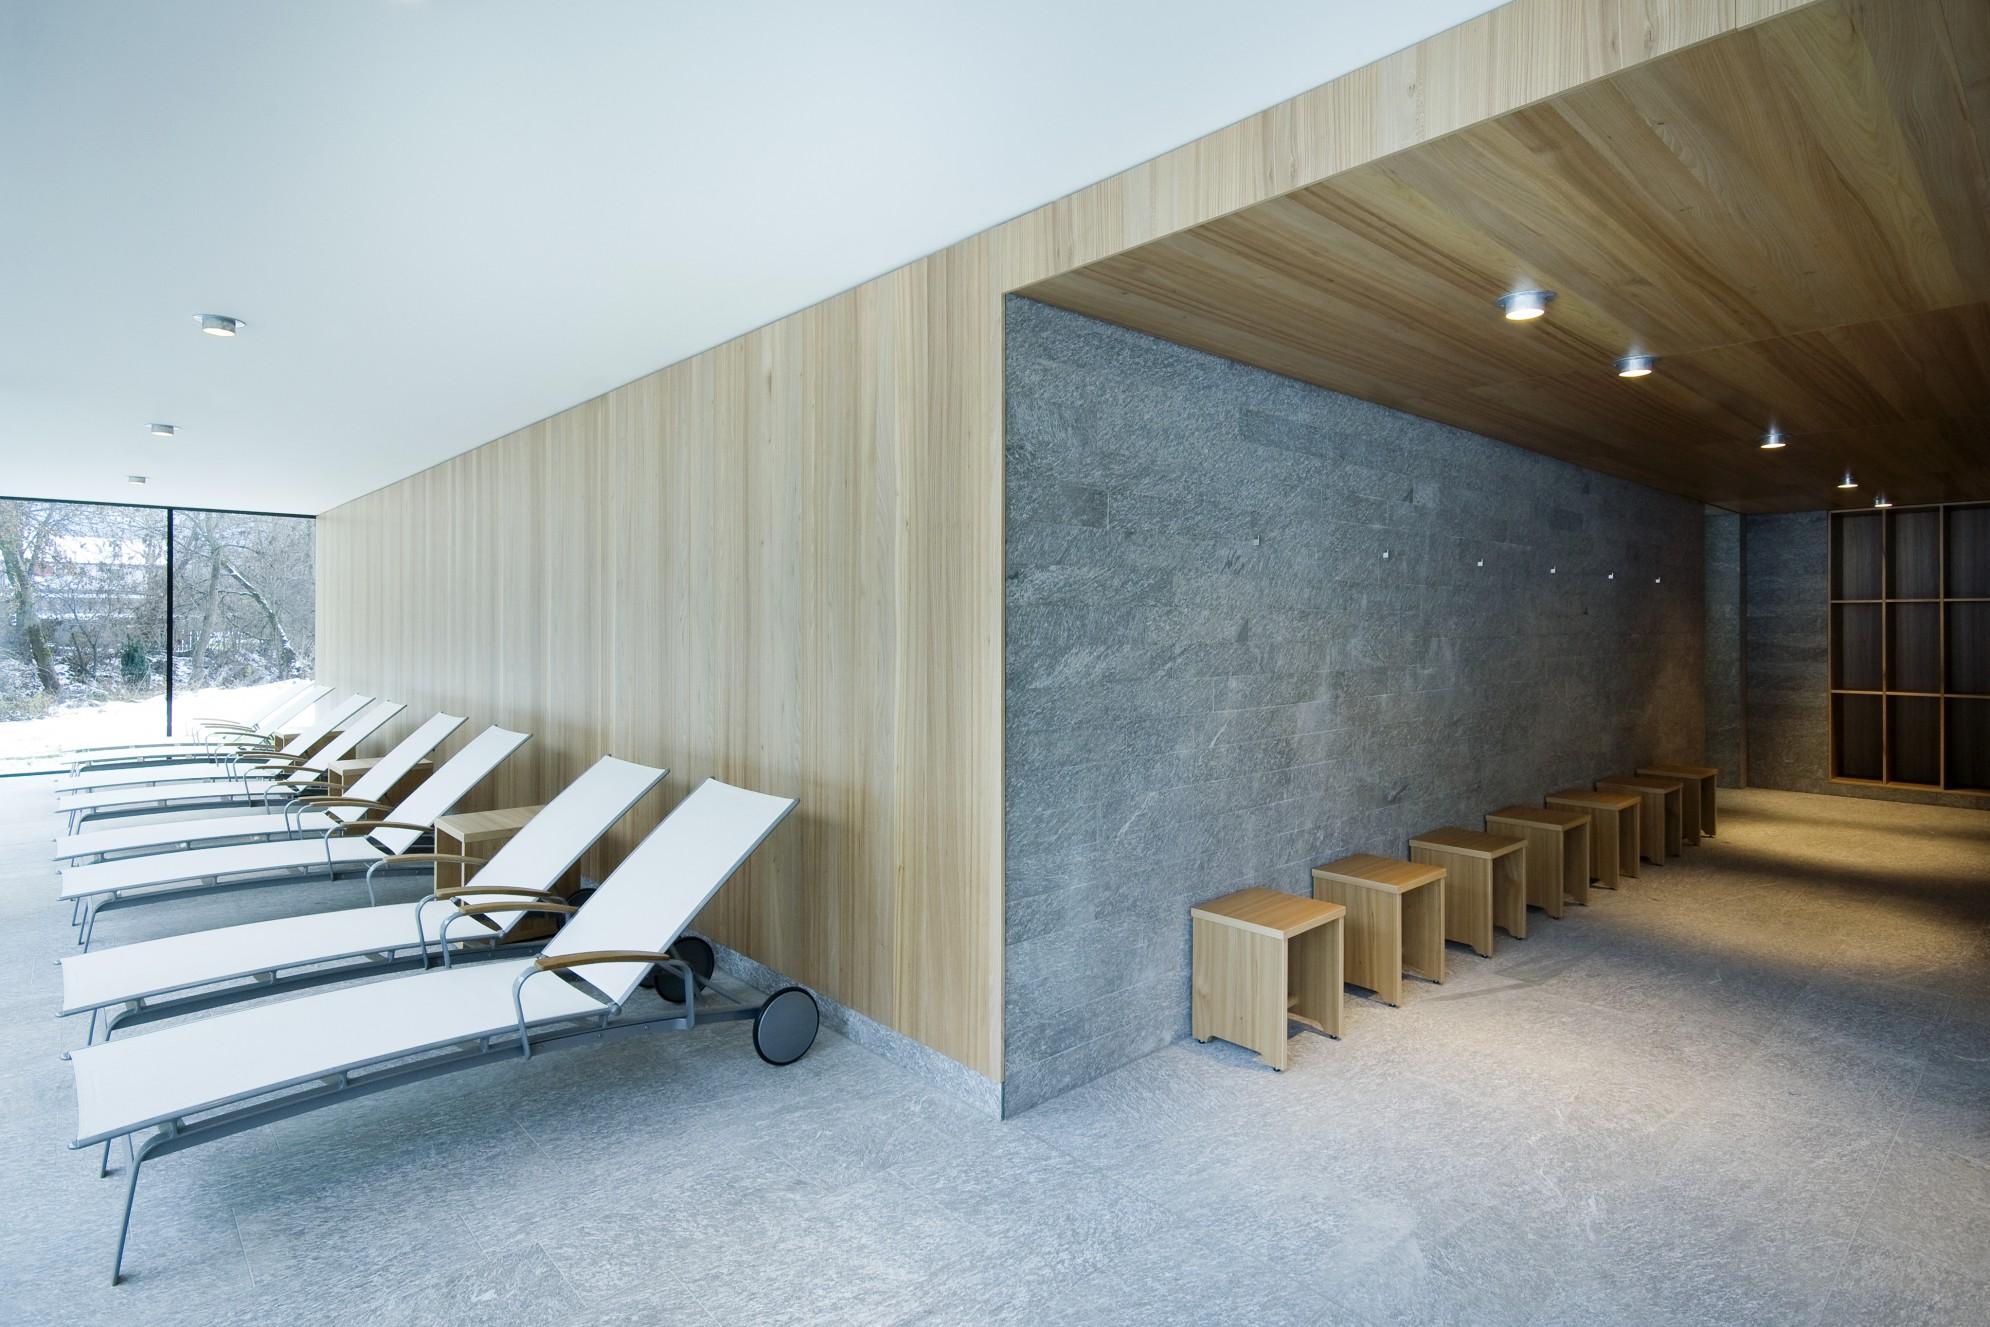 Hotel Alpenhof - Austria - la zona benessere in marmi e graniti della Valmalenco